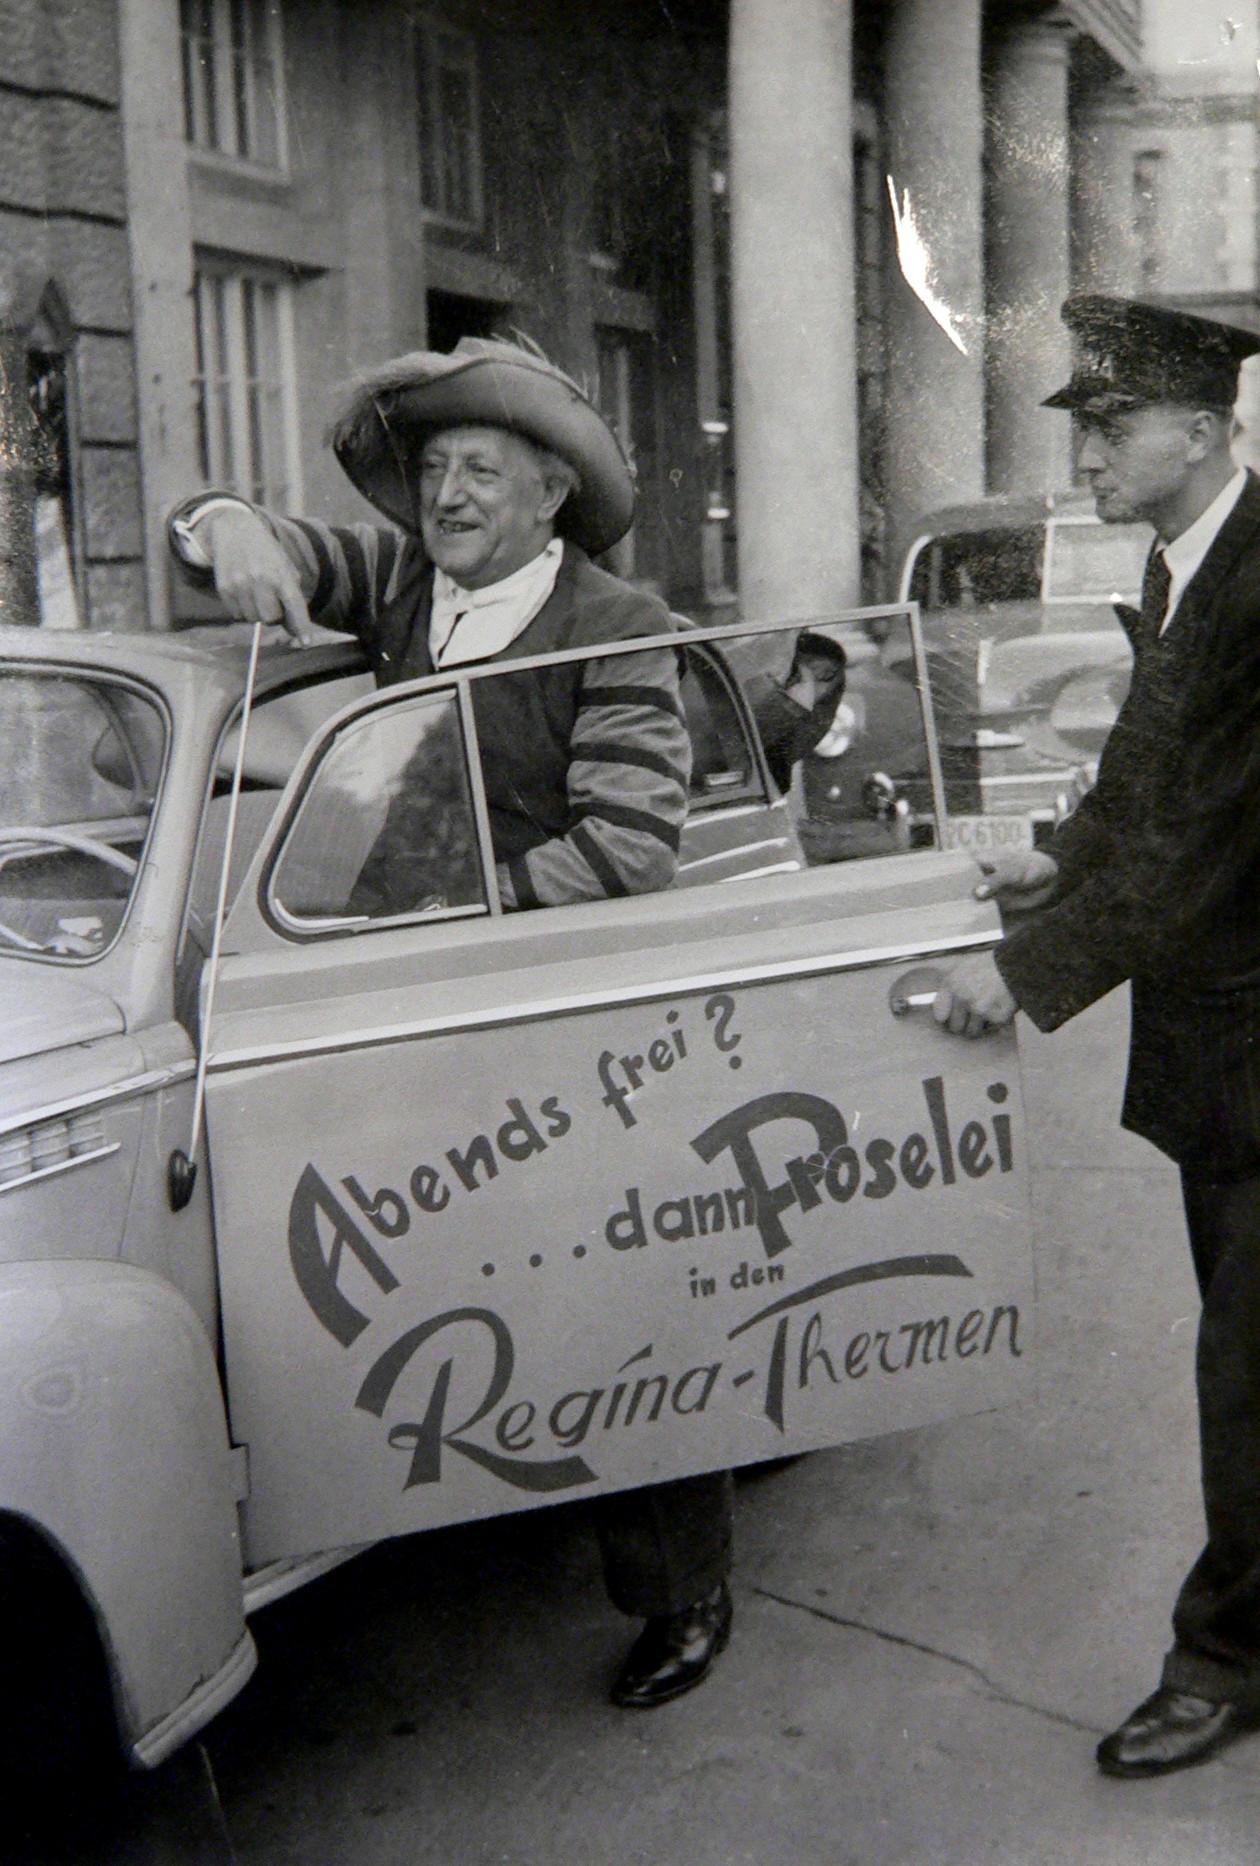 Theo mit Auto Proselei